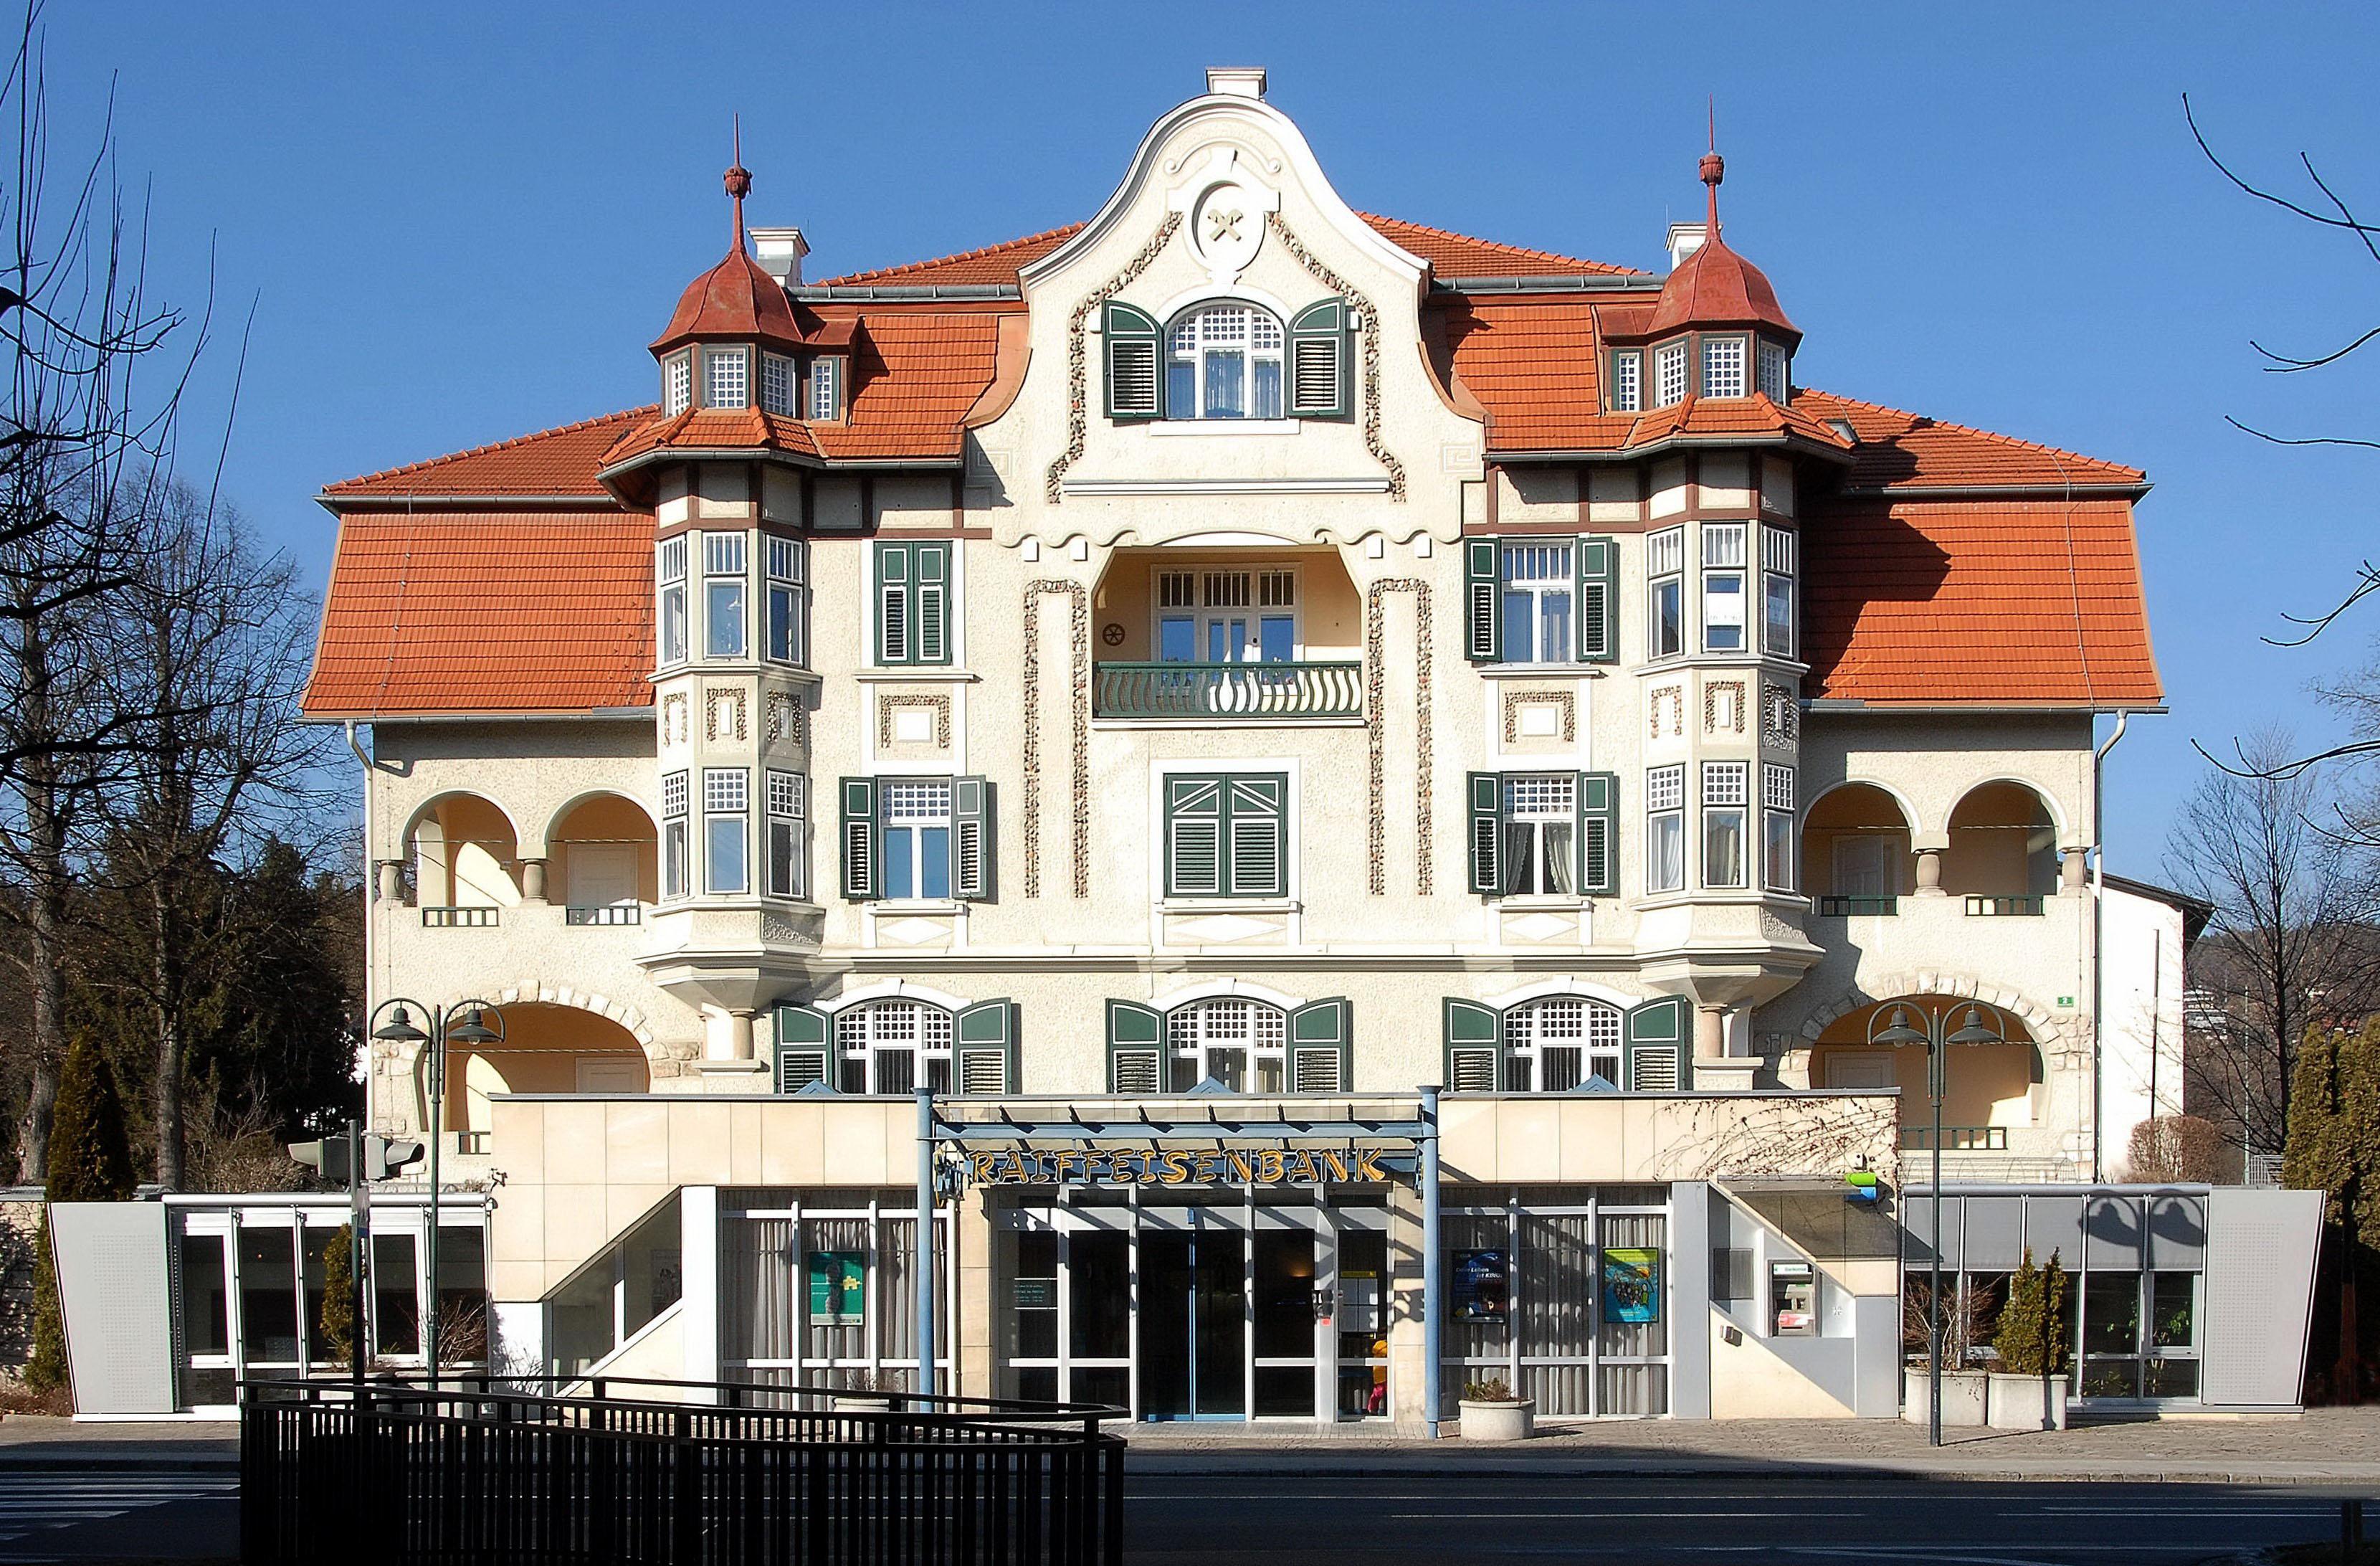 datei velden hotel kointsch woerthersee architektur 13022008 wikipedia. Black Bedroom Furniture Sets. Home Design Ideas